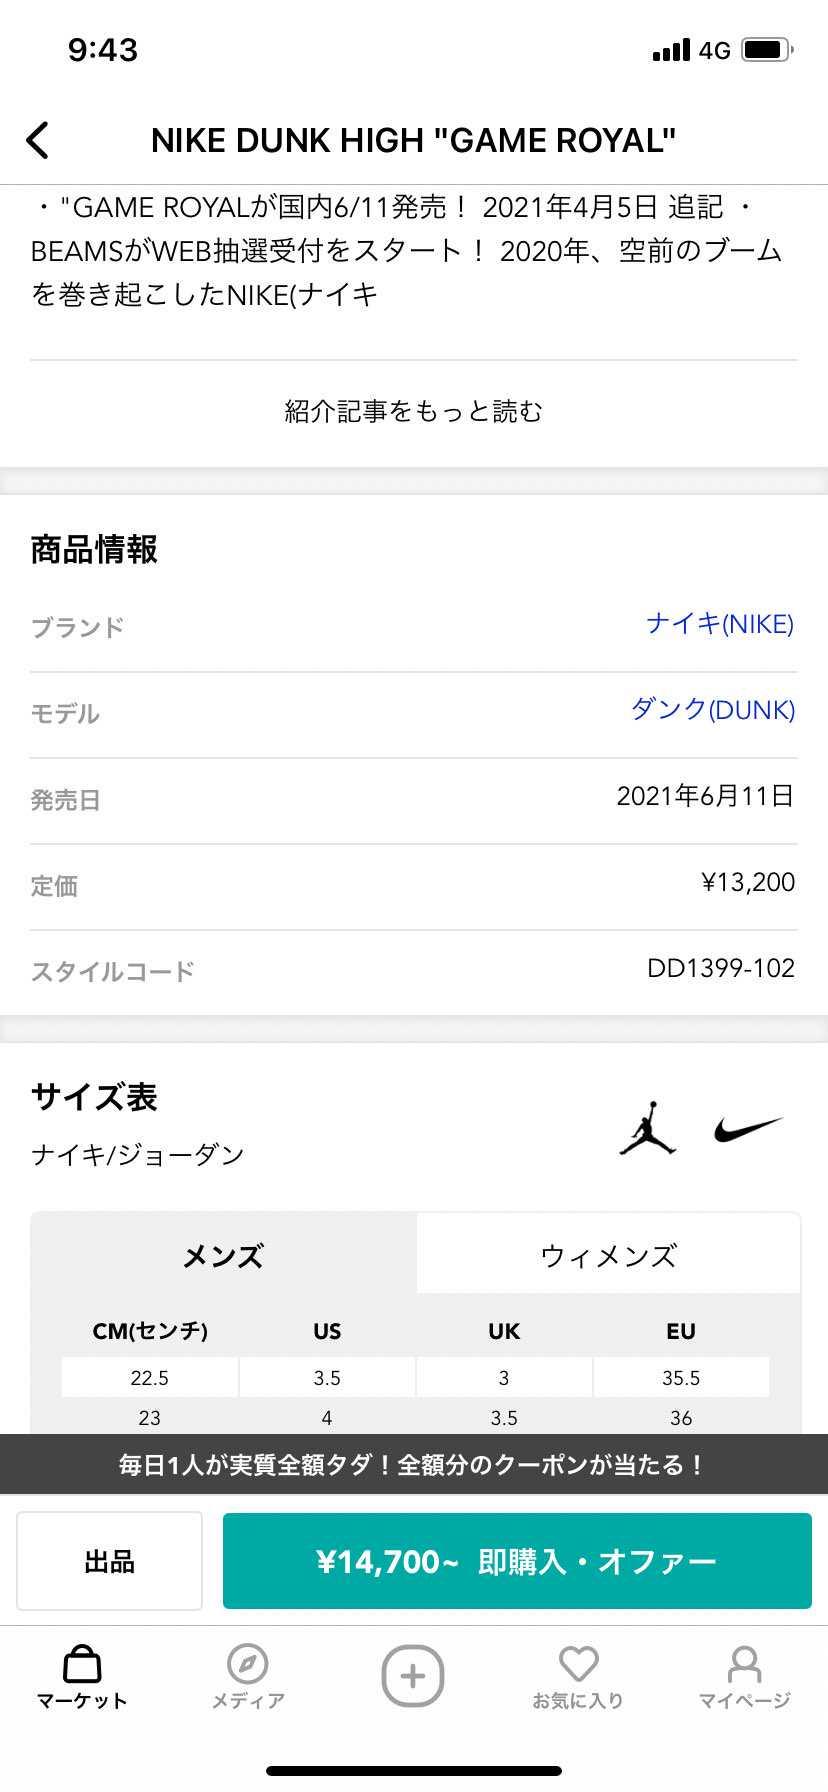 定価が13000円ちょっとで転売価格15000円ってことは…送料とかでプラスマイ